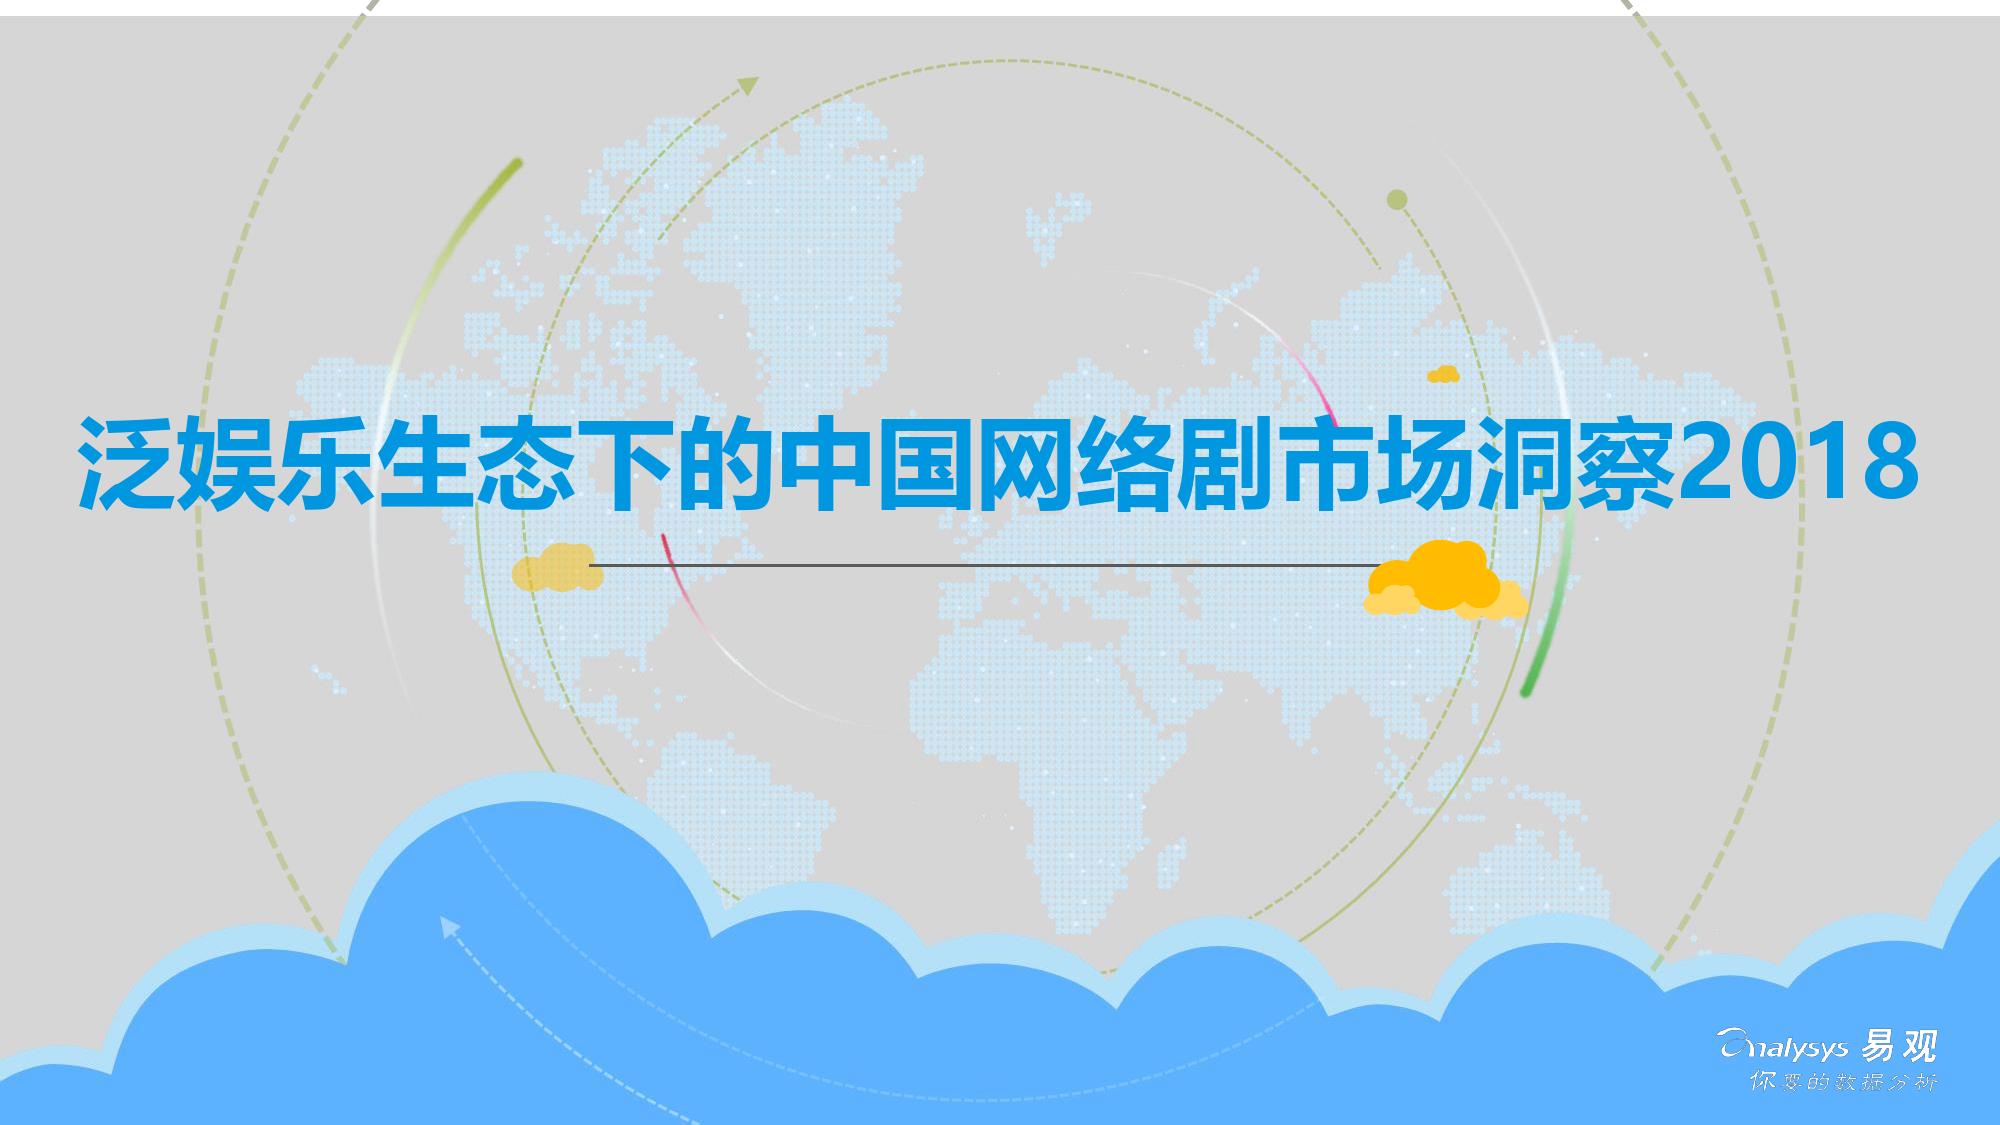 易观:2018泛娱乐生态下的中国网络剧市场洞察(附下载)